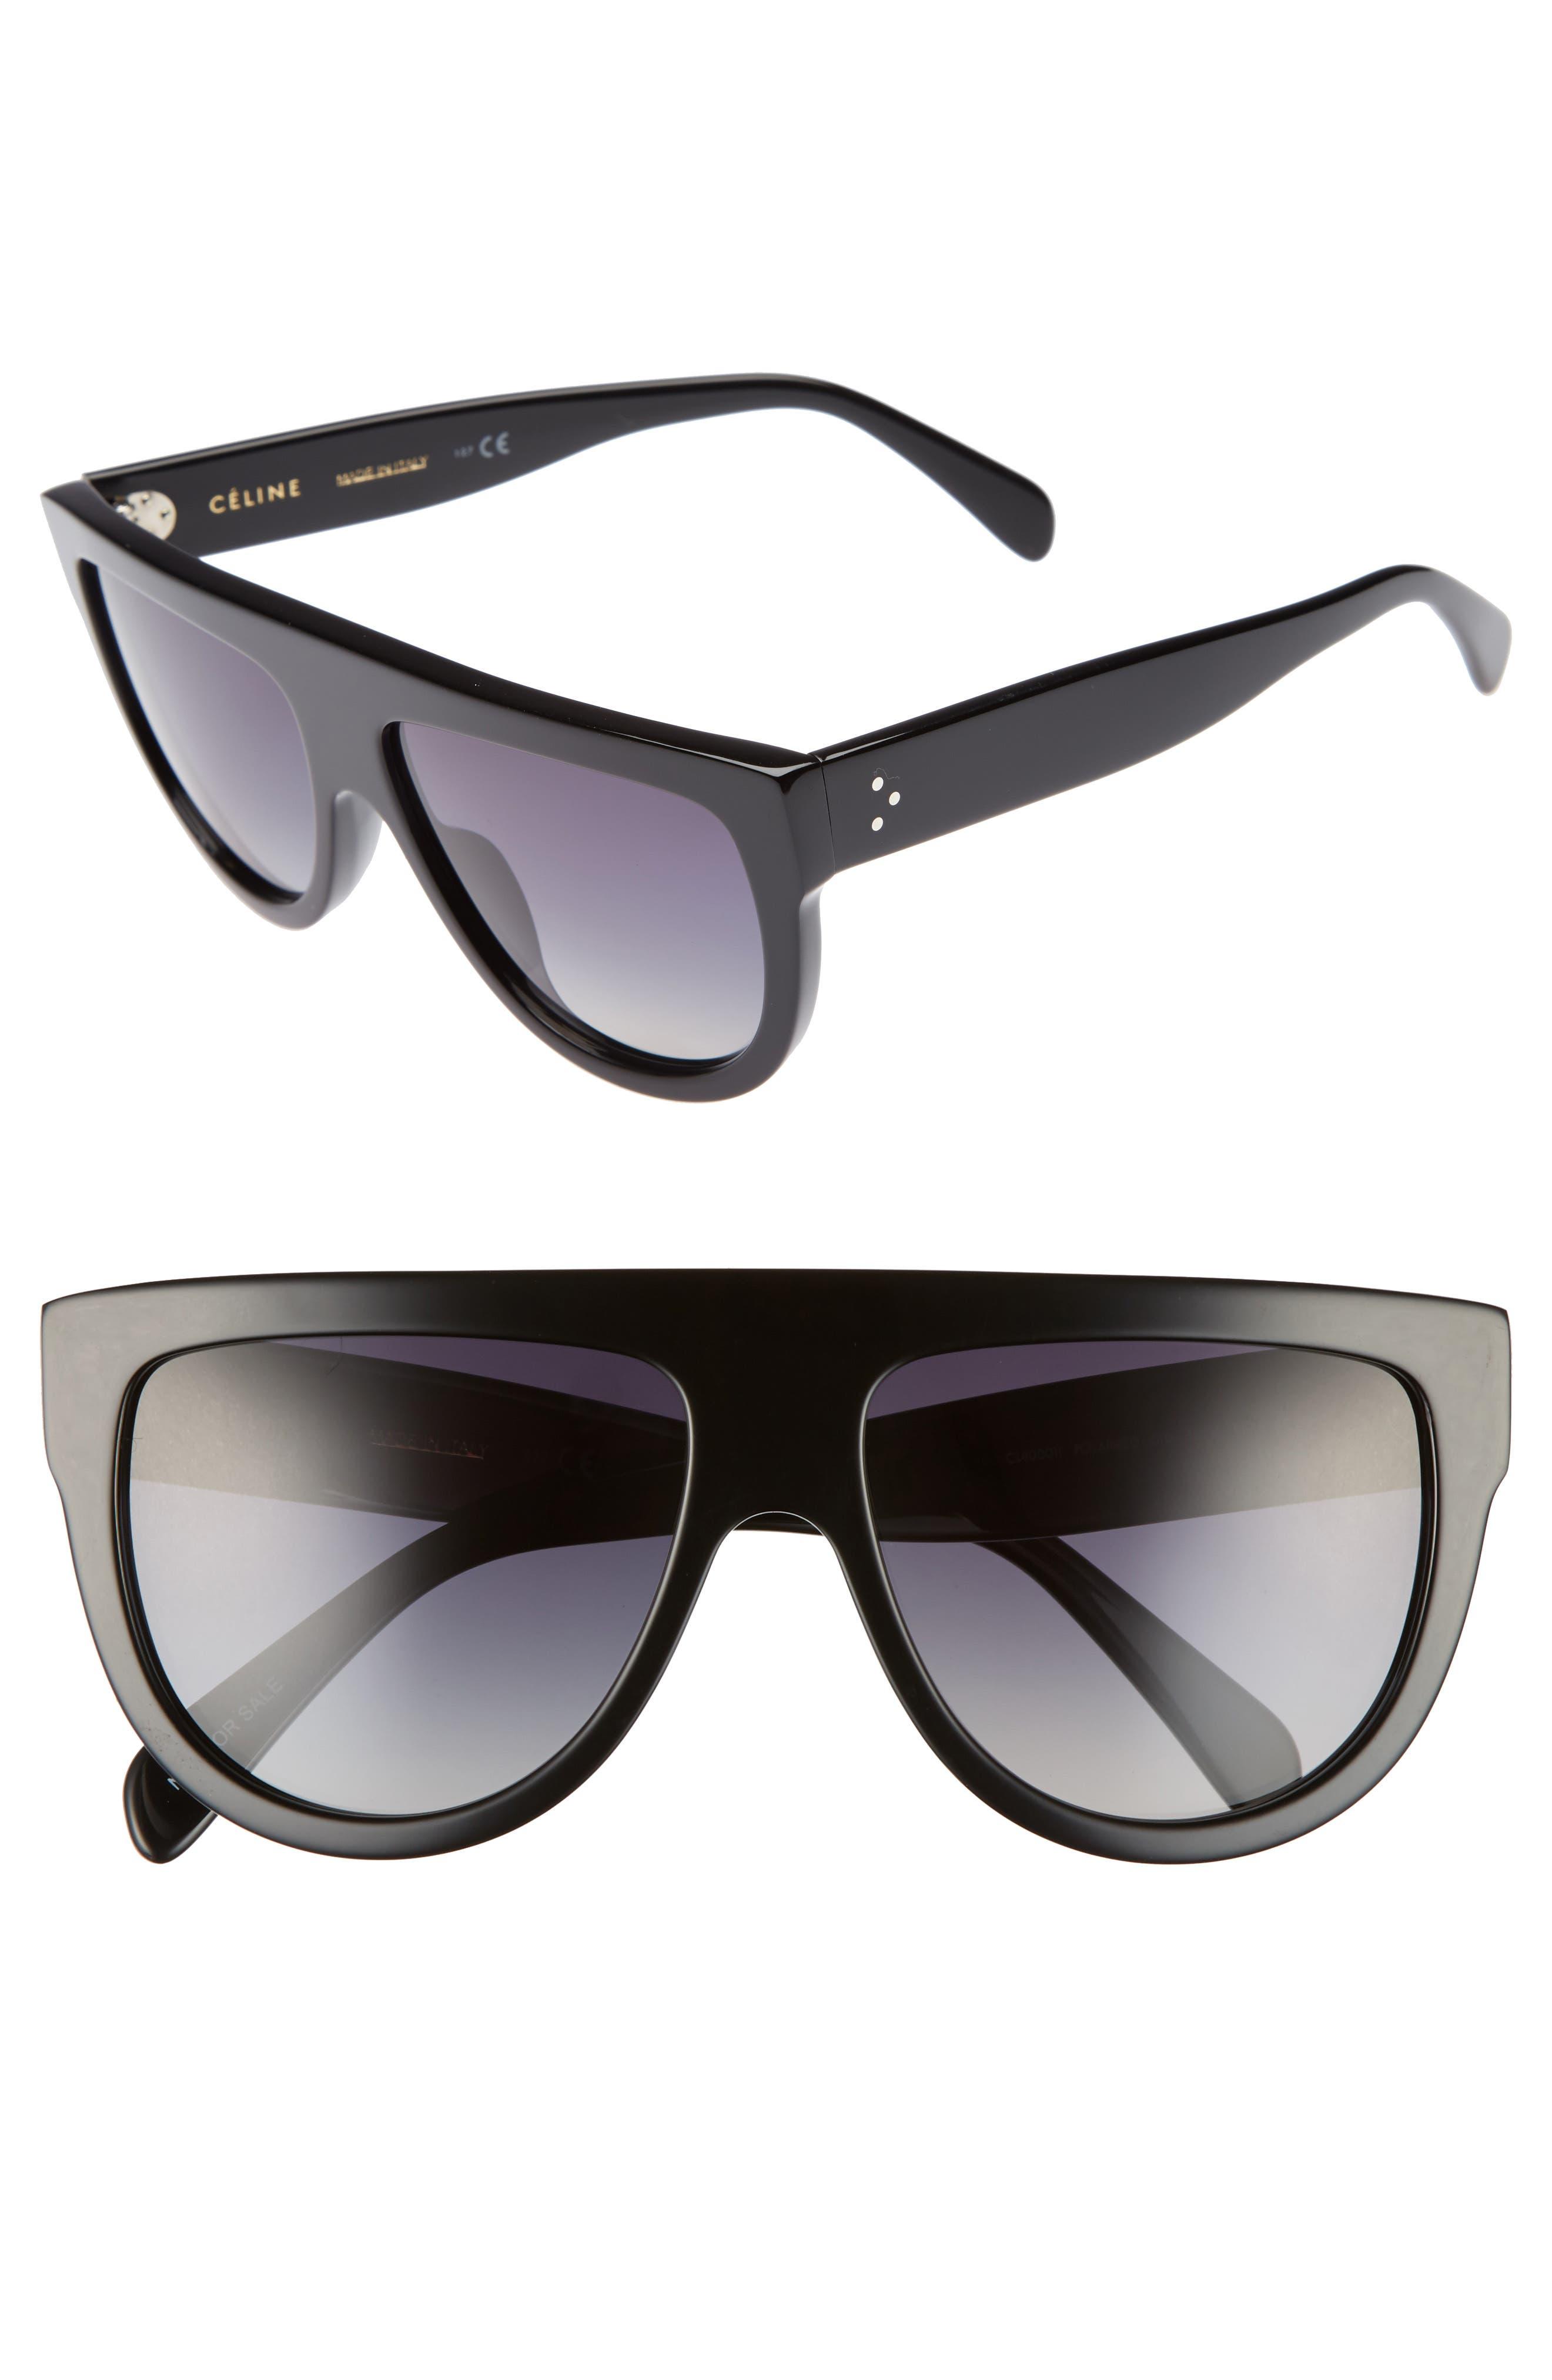 Main Image - Céline 58mm Pilot Sunglasses